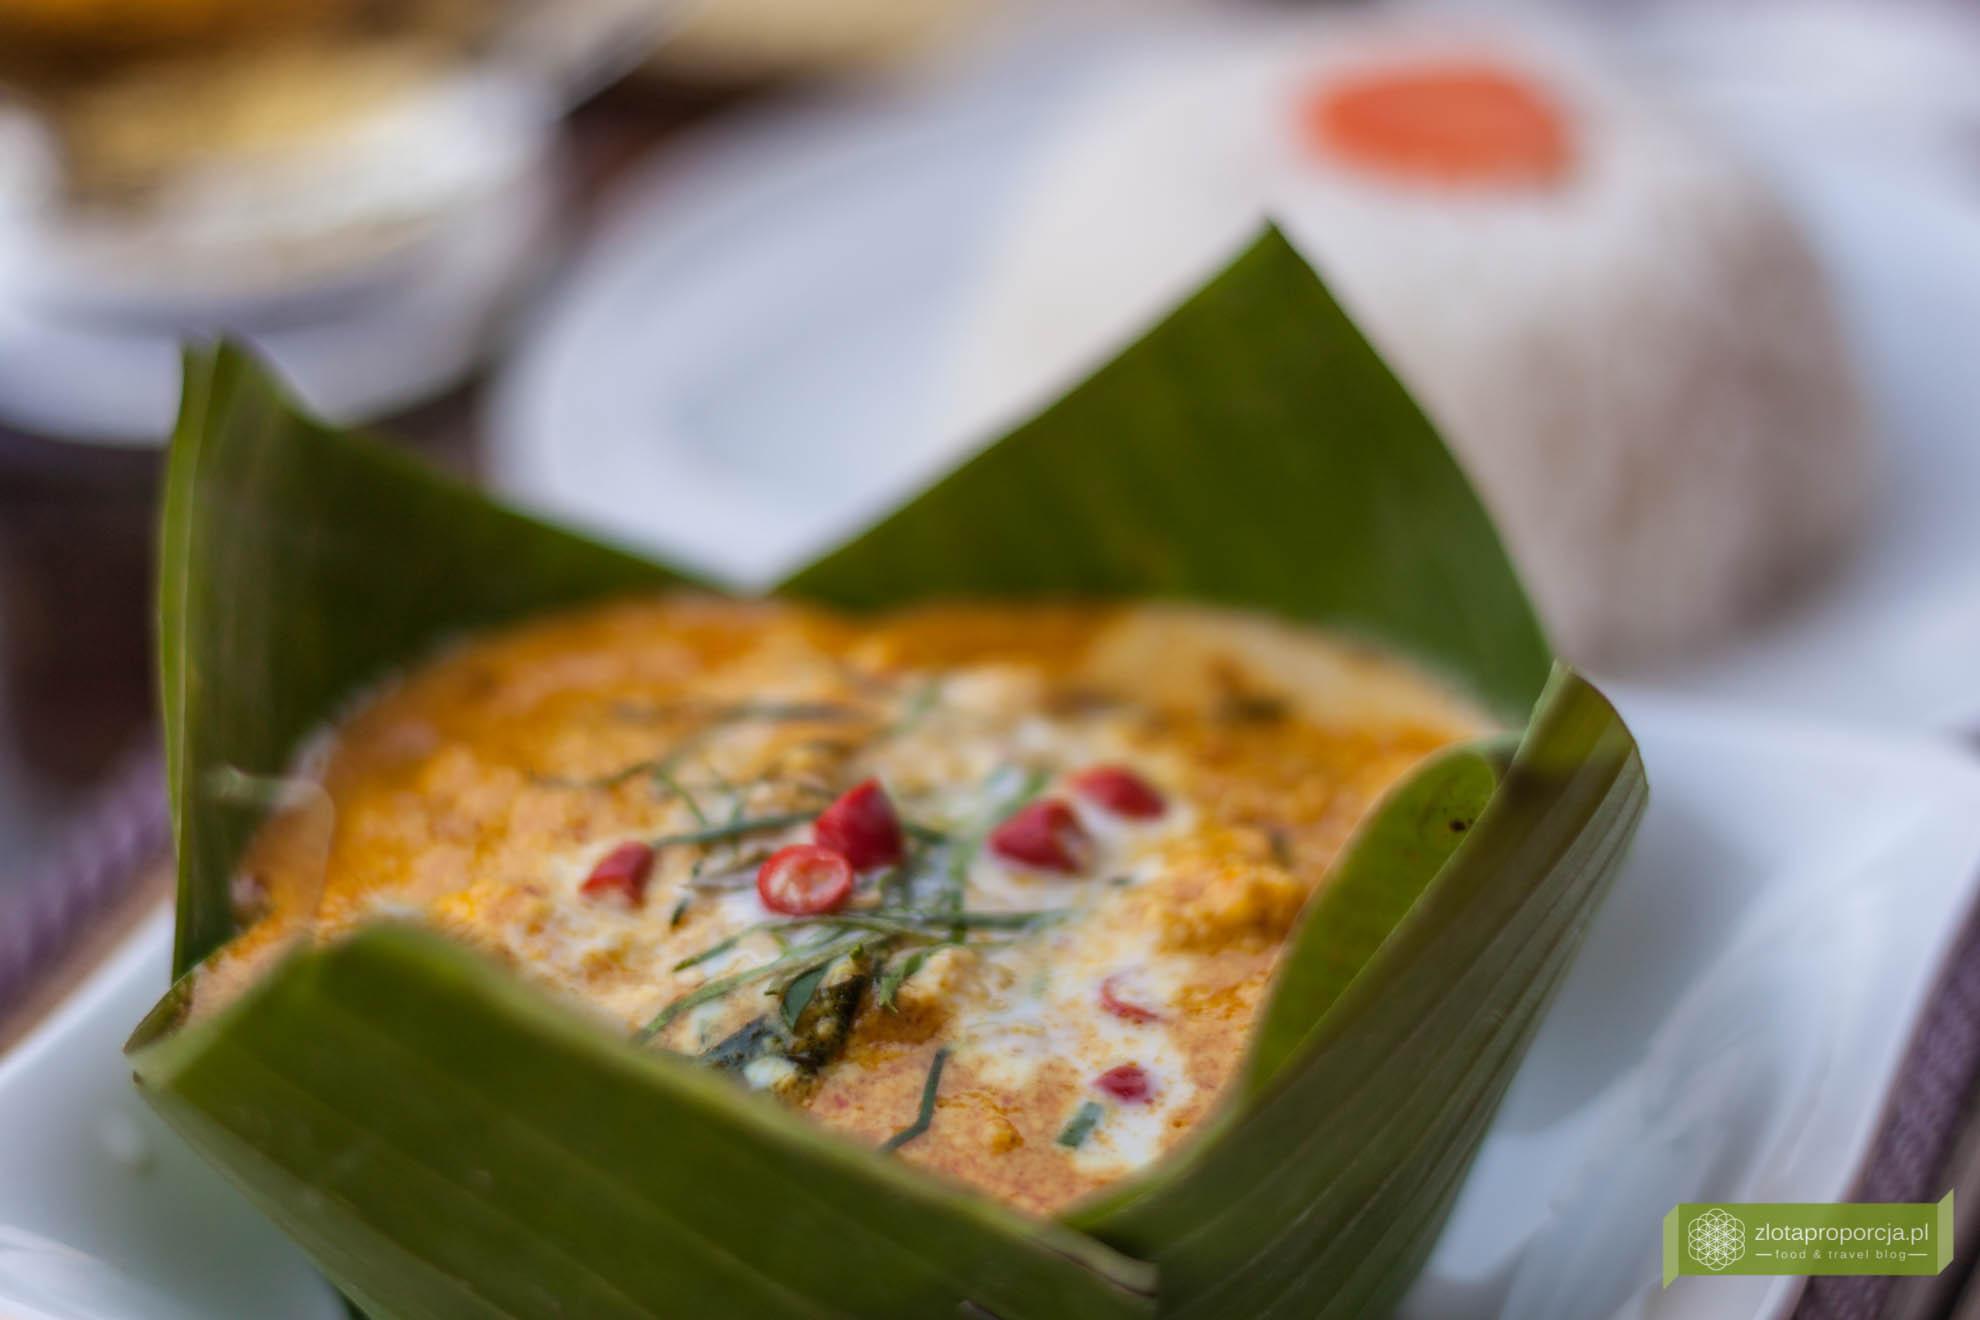 Kambodża, kuchnia Kambodży, amok, potrawy Kambodży, kuchnia khmerska